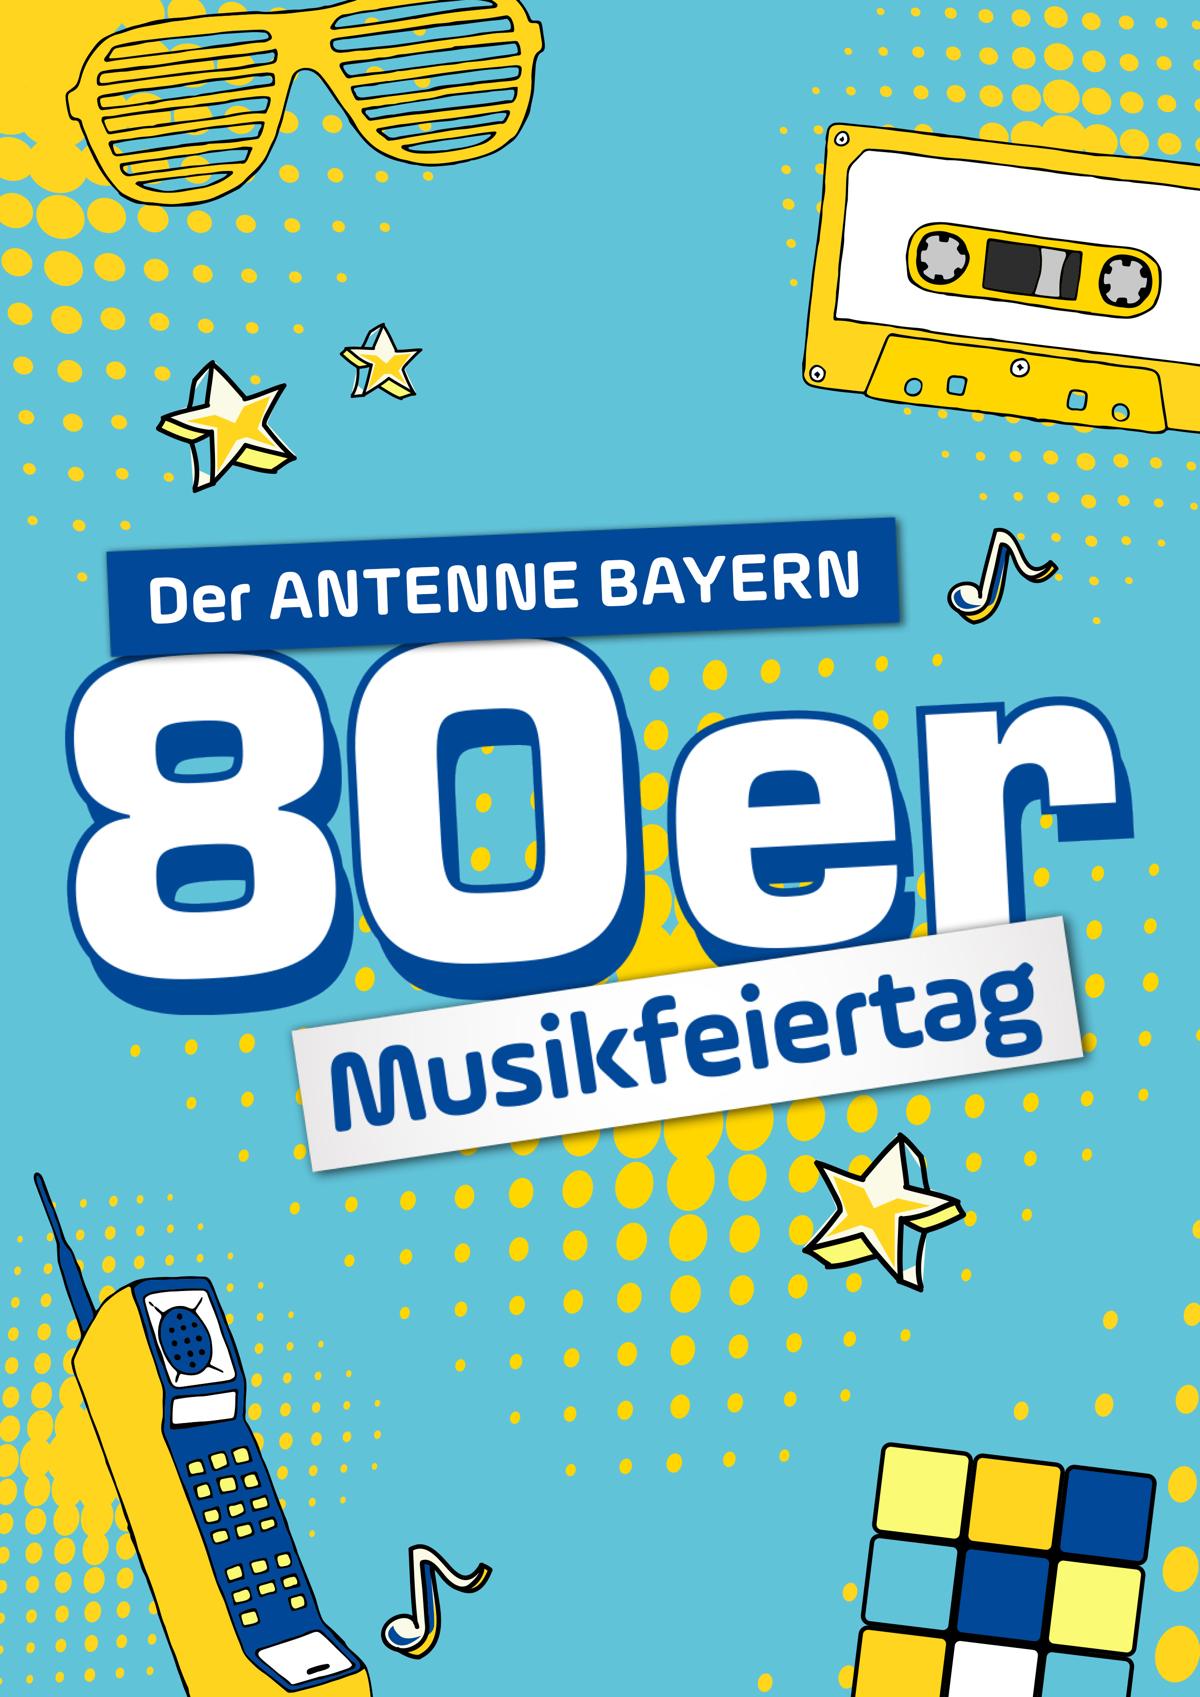 Musikfeiertag (Bild: Antenne Bayern)